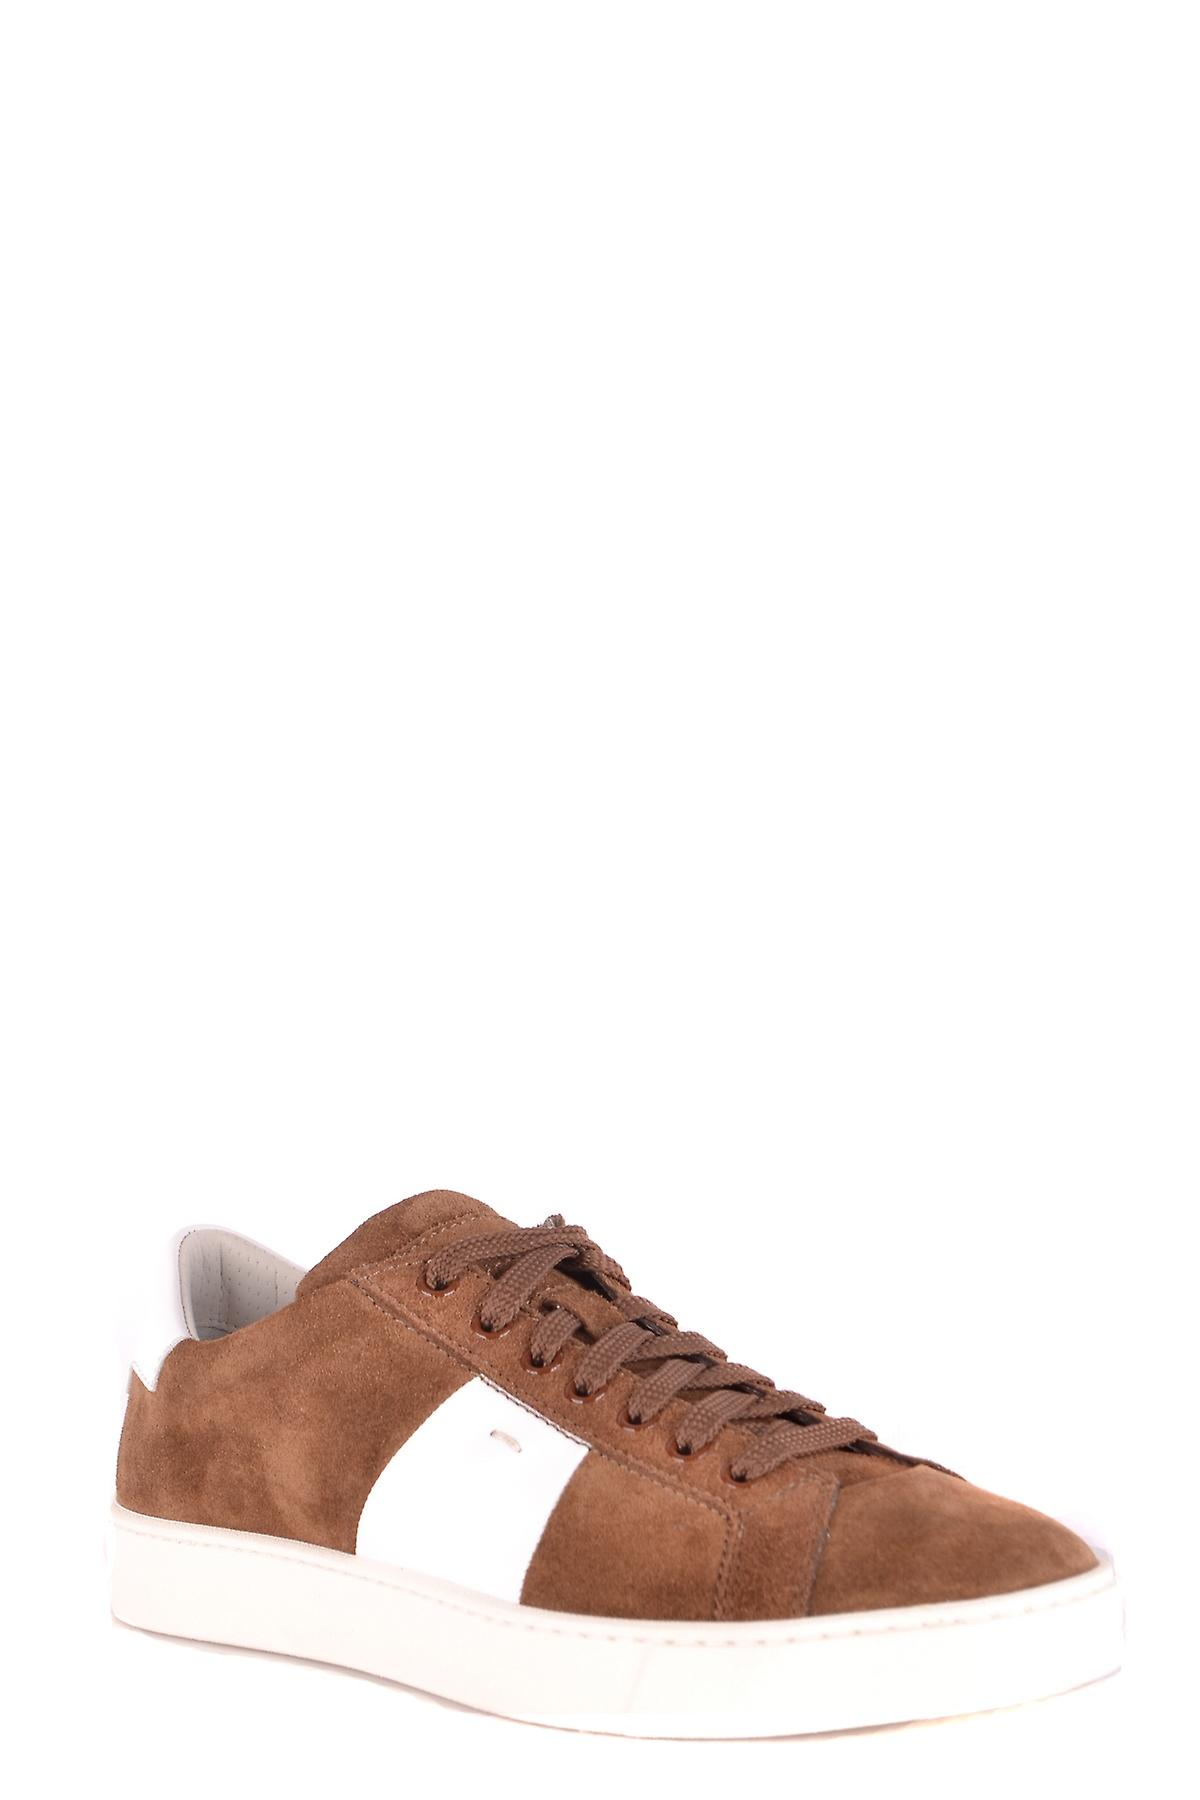 Santoni Mbgu20733panxjdem48 Men's Brown Suede Sneakers QN1S8N